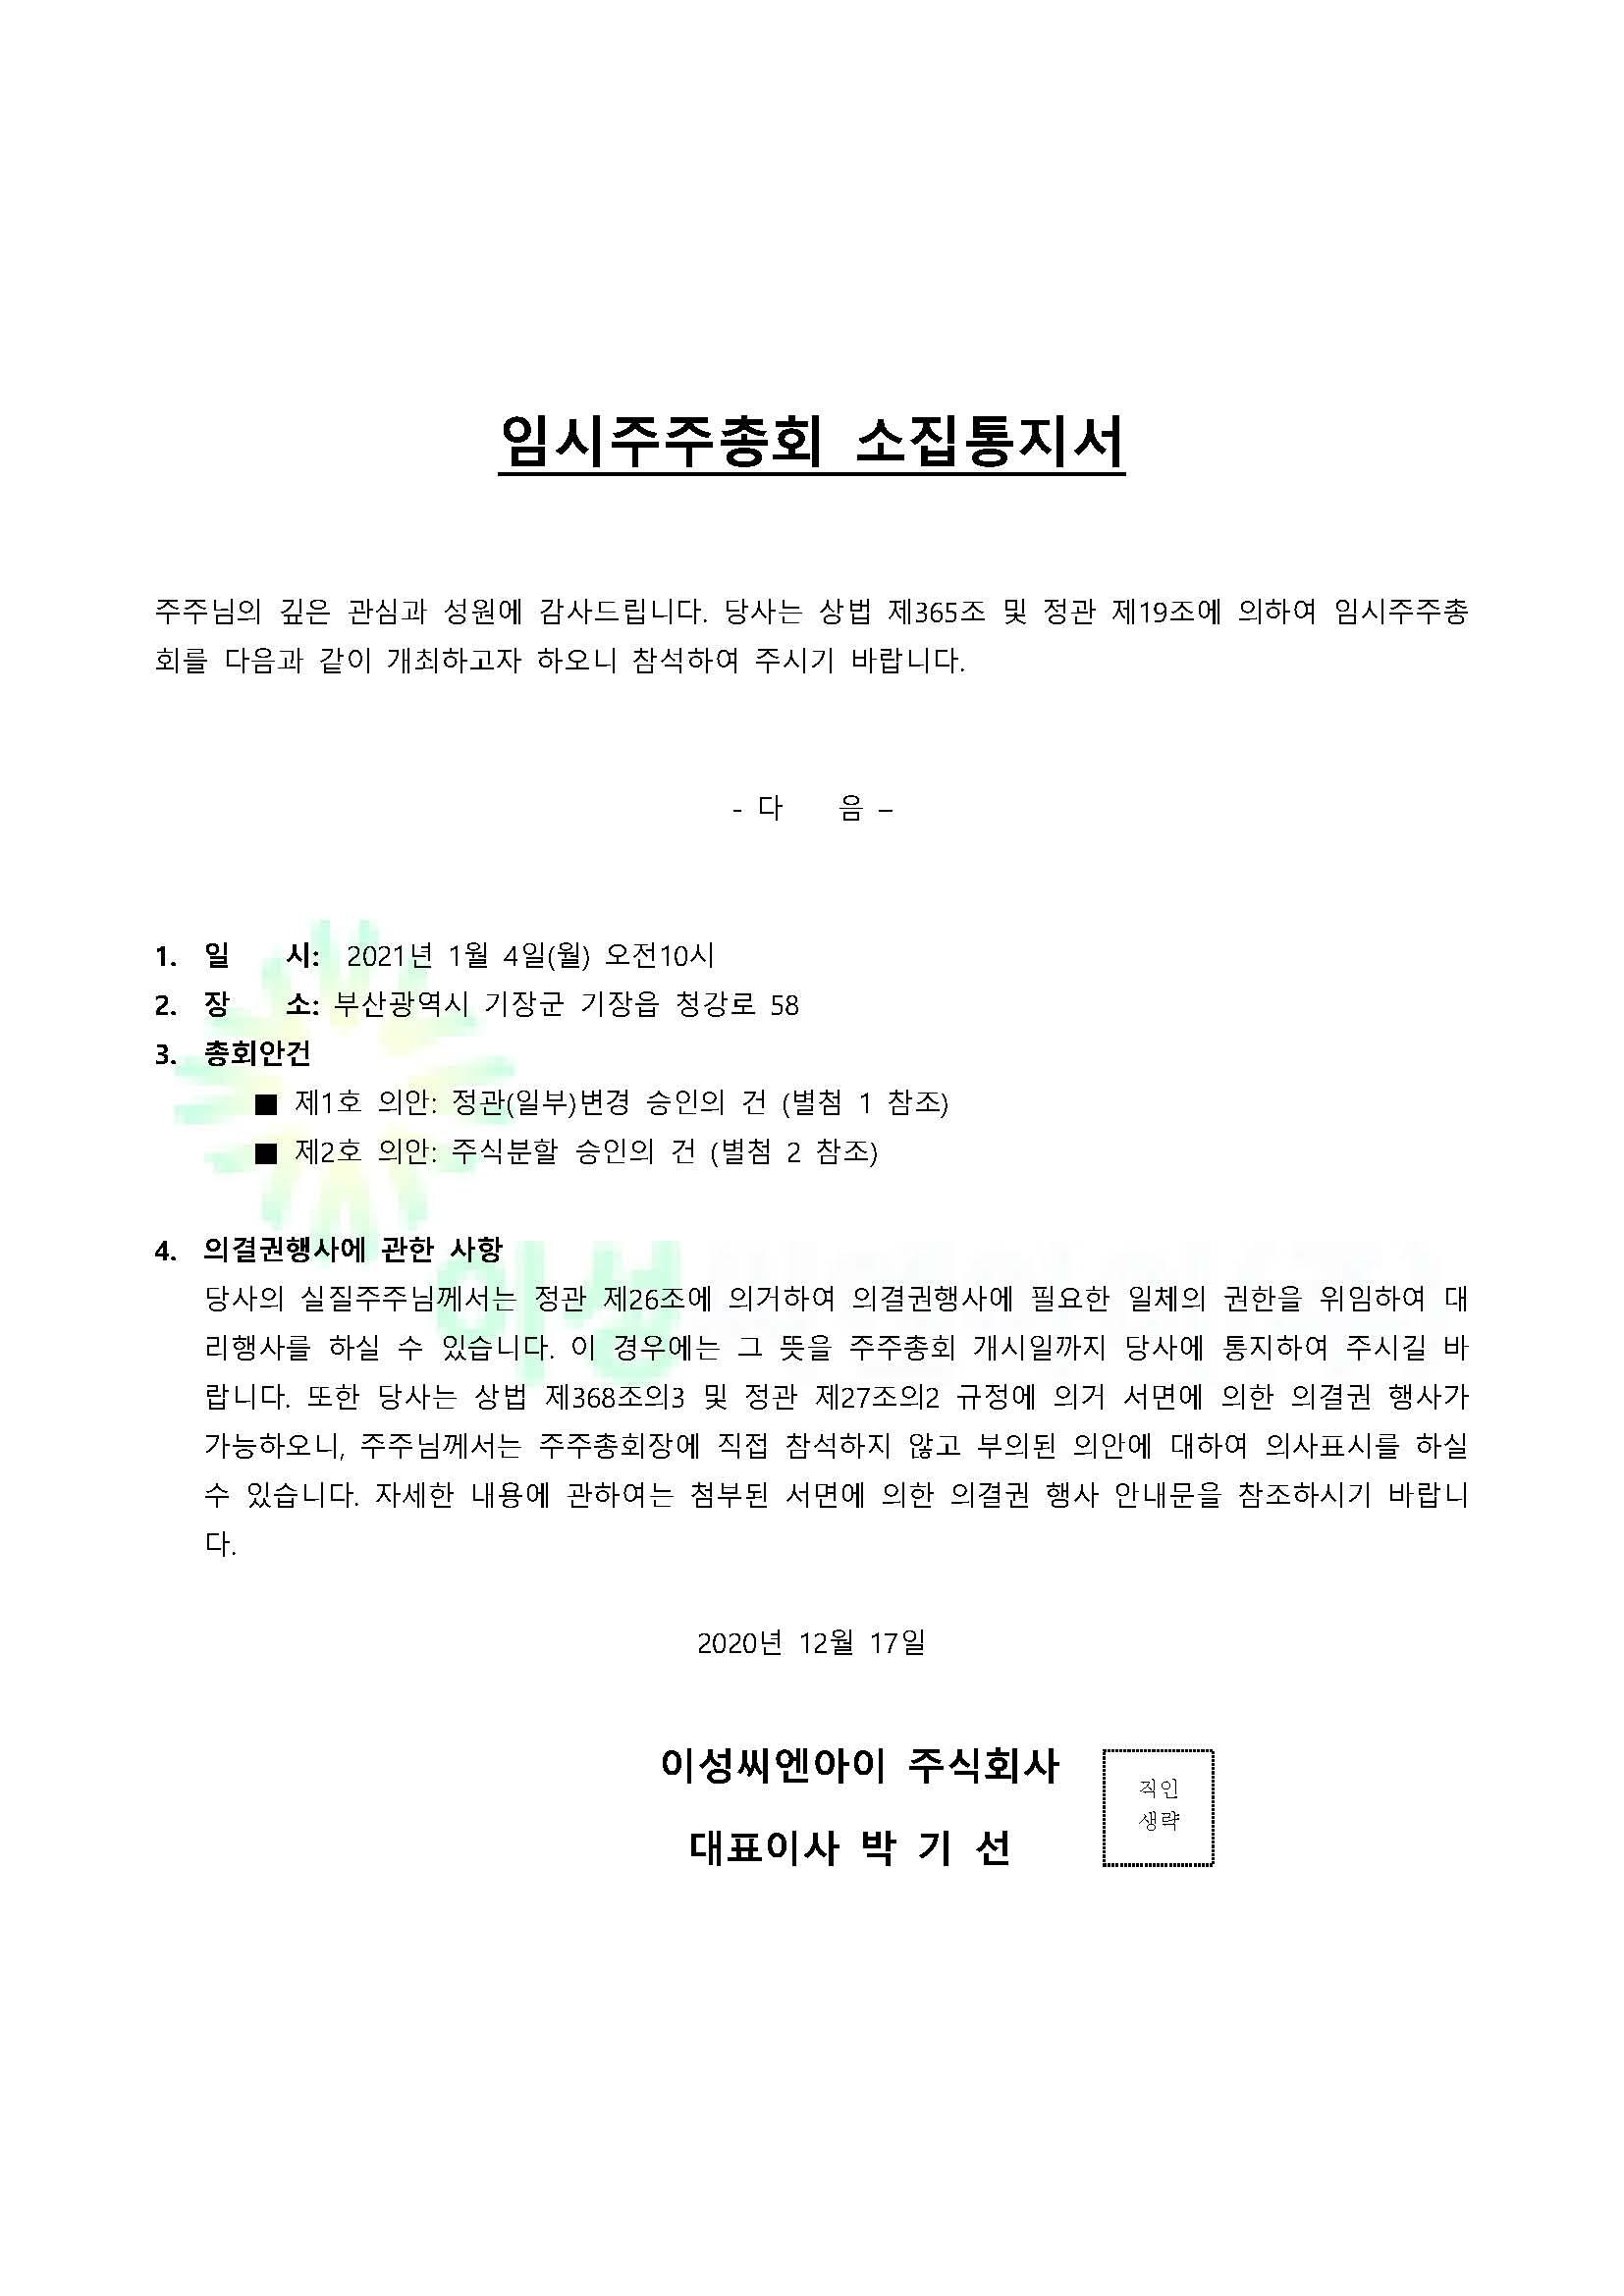 임시주주총회 소집통지서.jpg